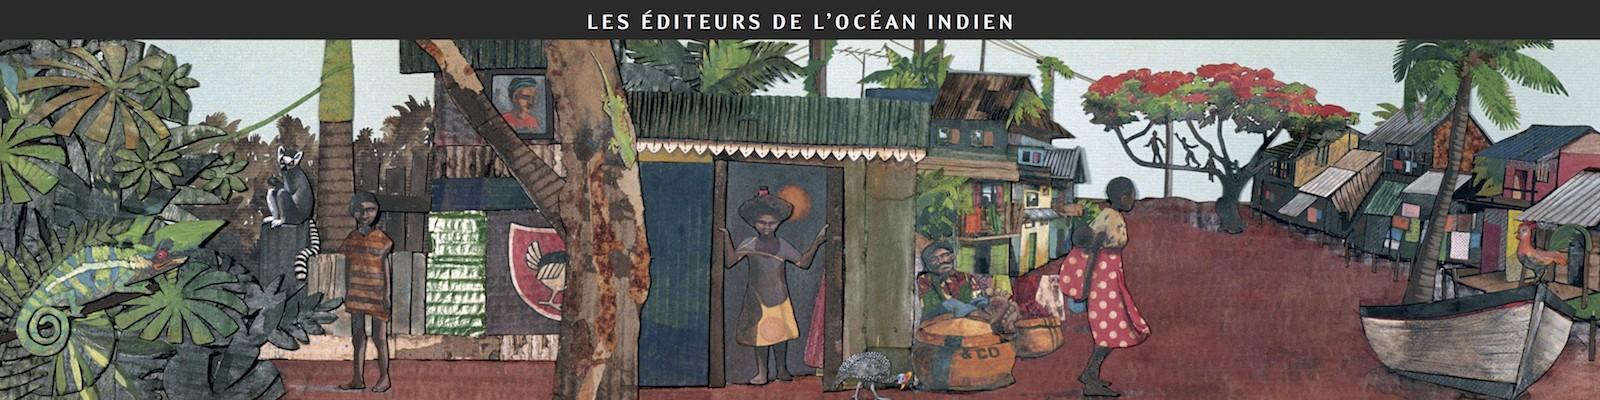 Les éditeurs de l'océan Indien au Salon du livre et de la presse jeunesse de Montreuil 2011 - Dessin d'Aurélia Moynot